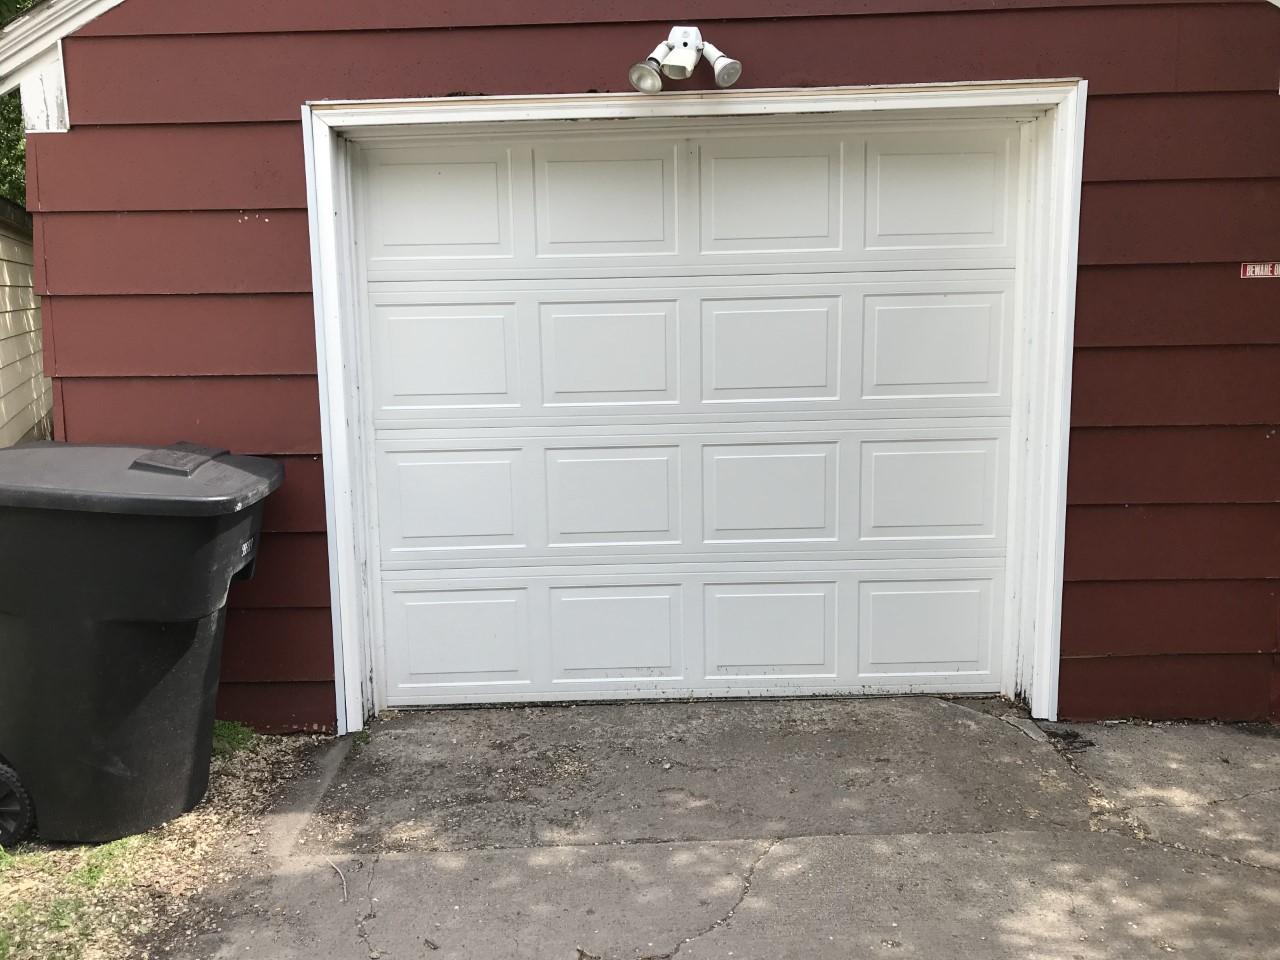 Garage Door After Trim Update